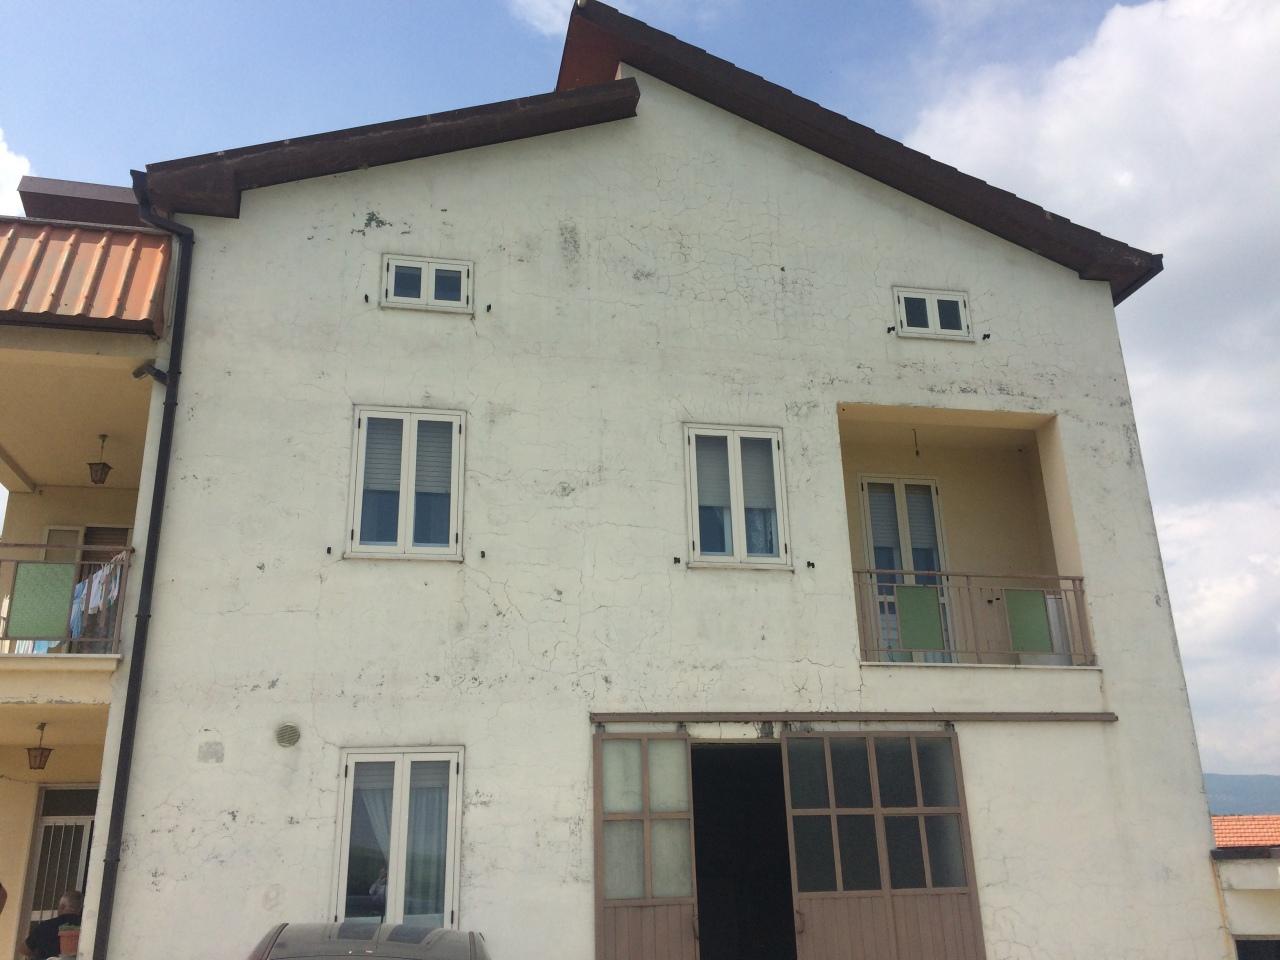 Rustico / Casale da ristrutturare in vendita Rif. 6836715